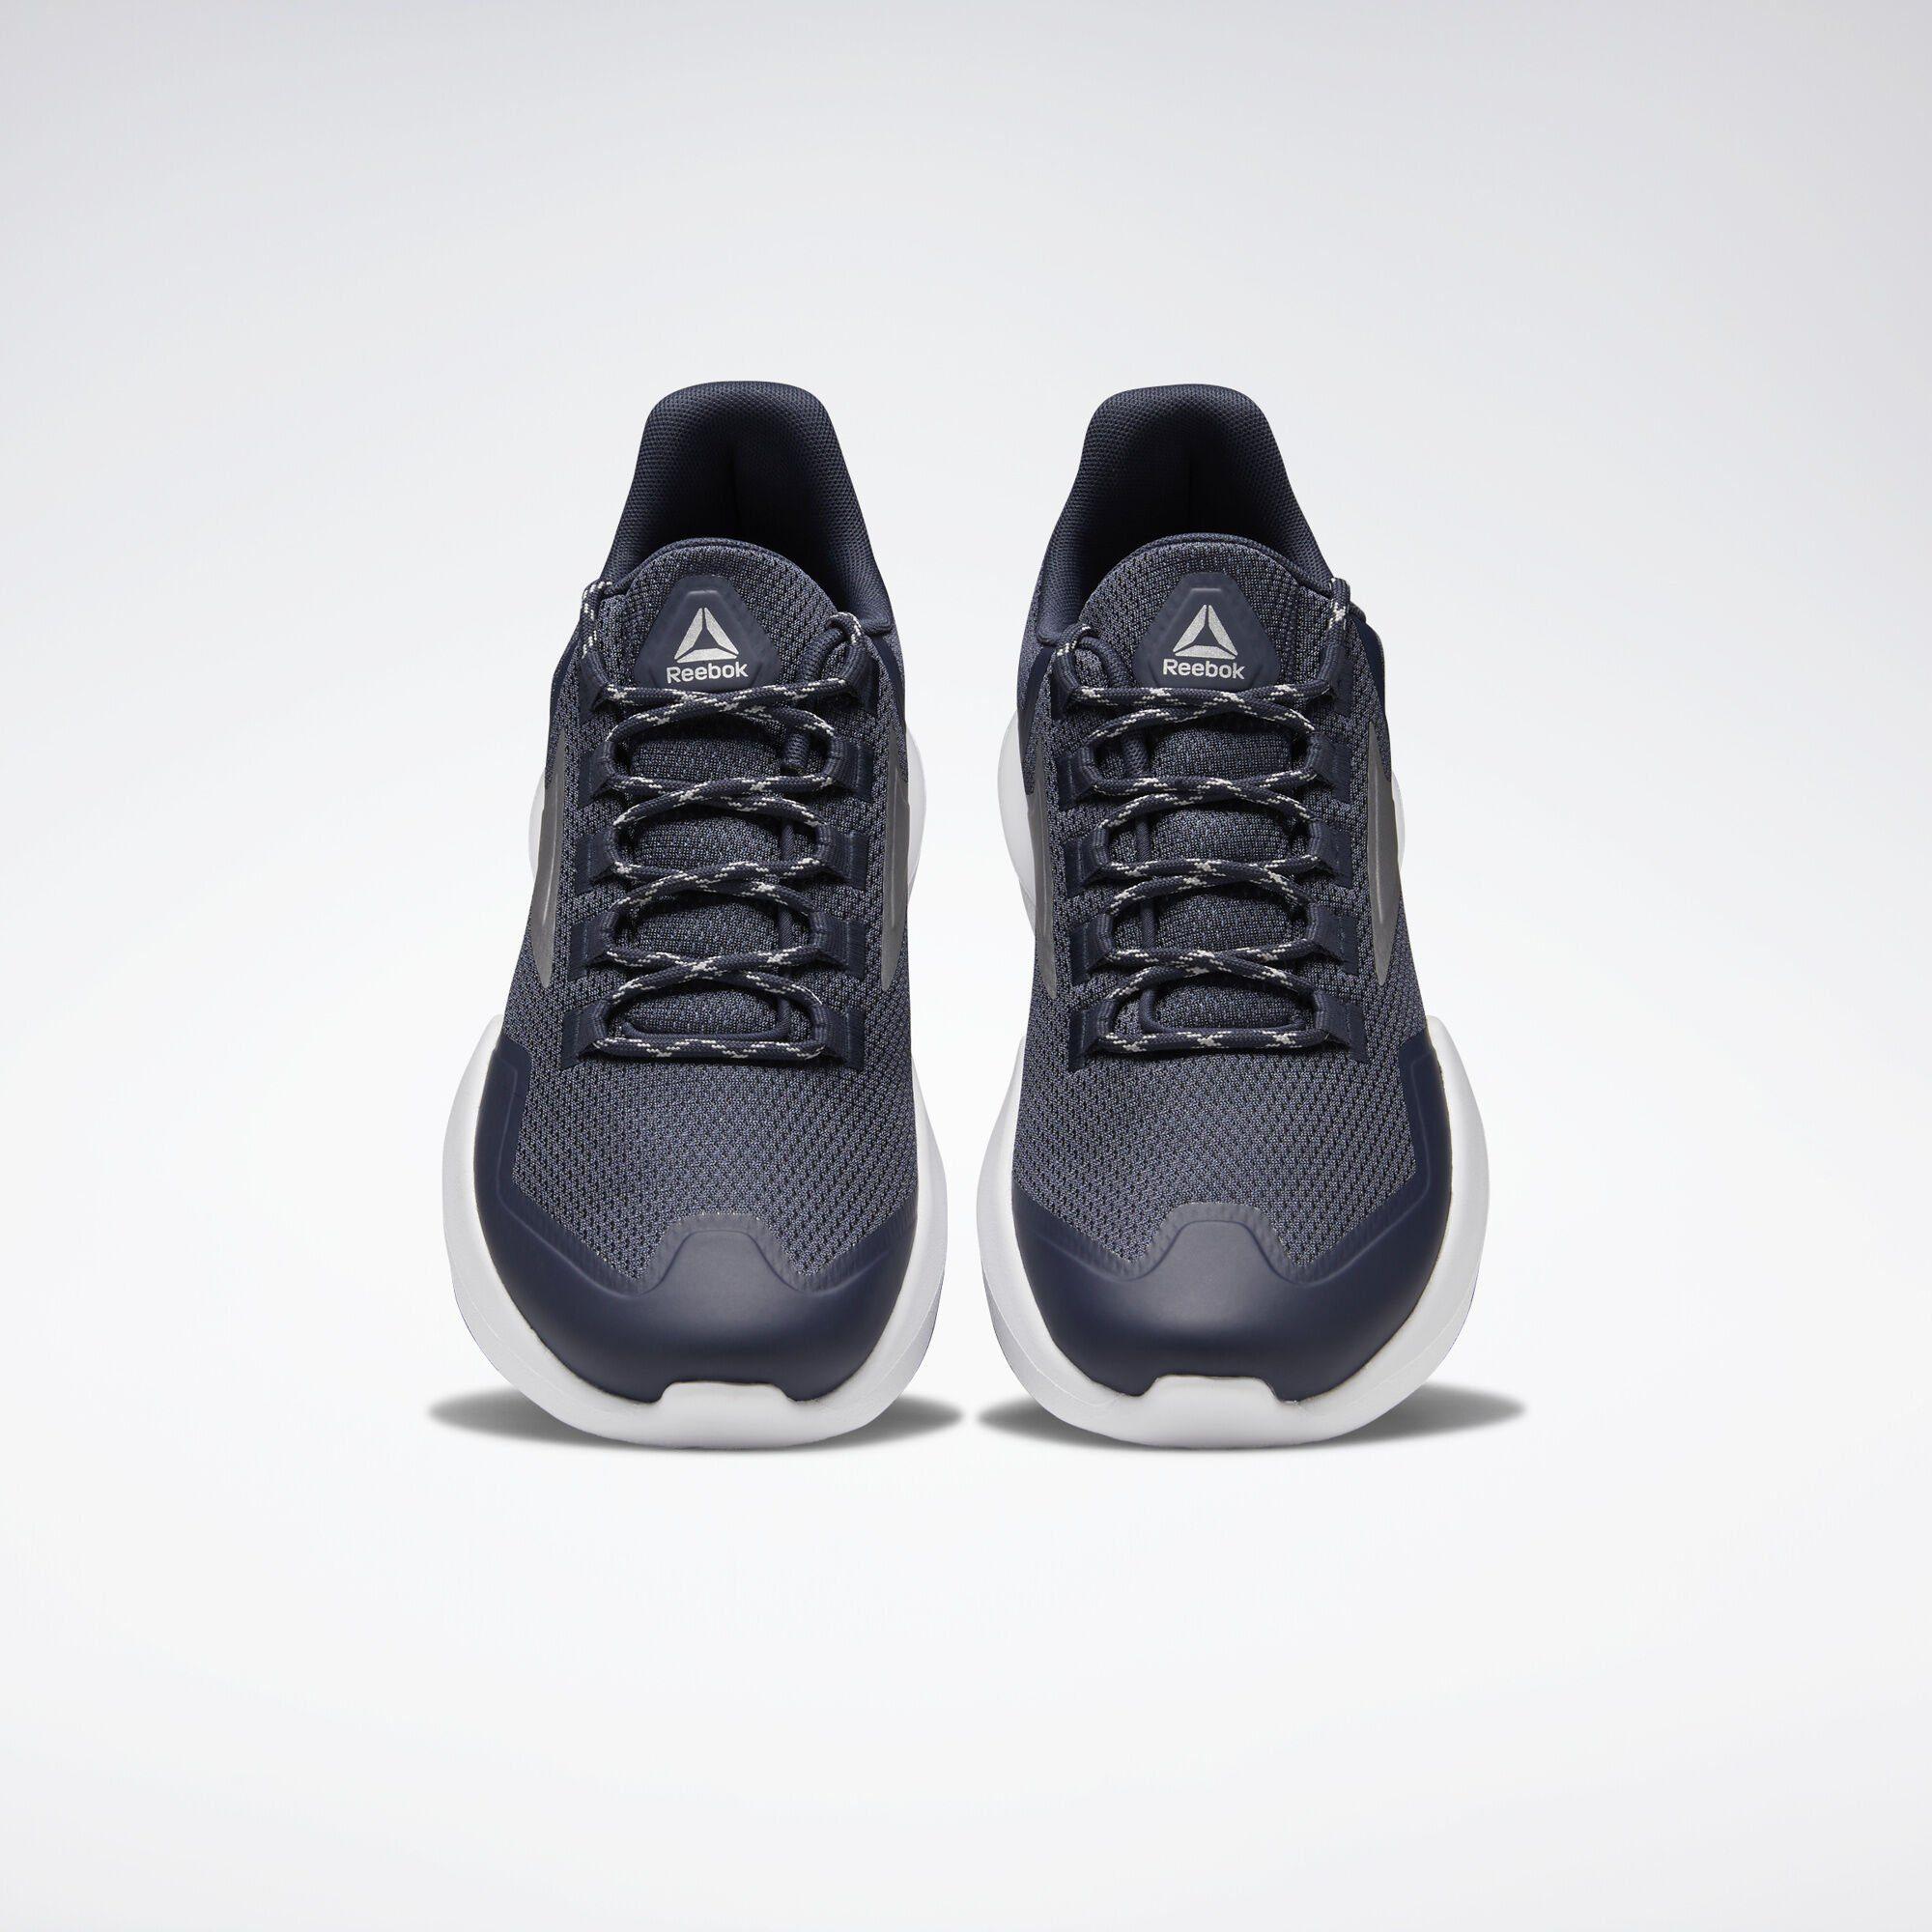 Fuel »reebok Reebok Split Sneaker Classic Shoes« kuPXZOi